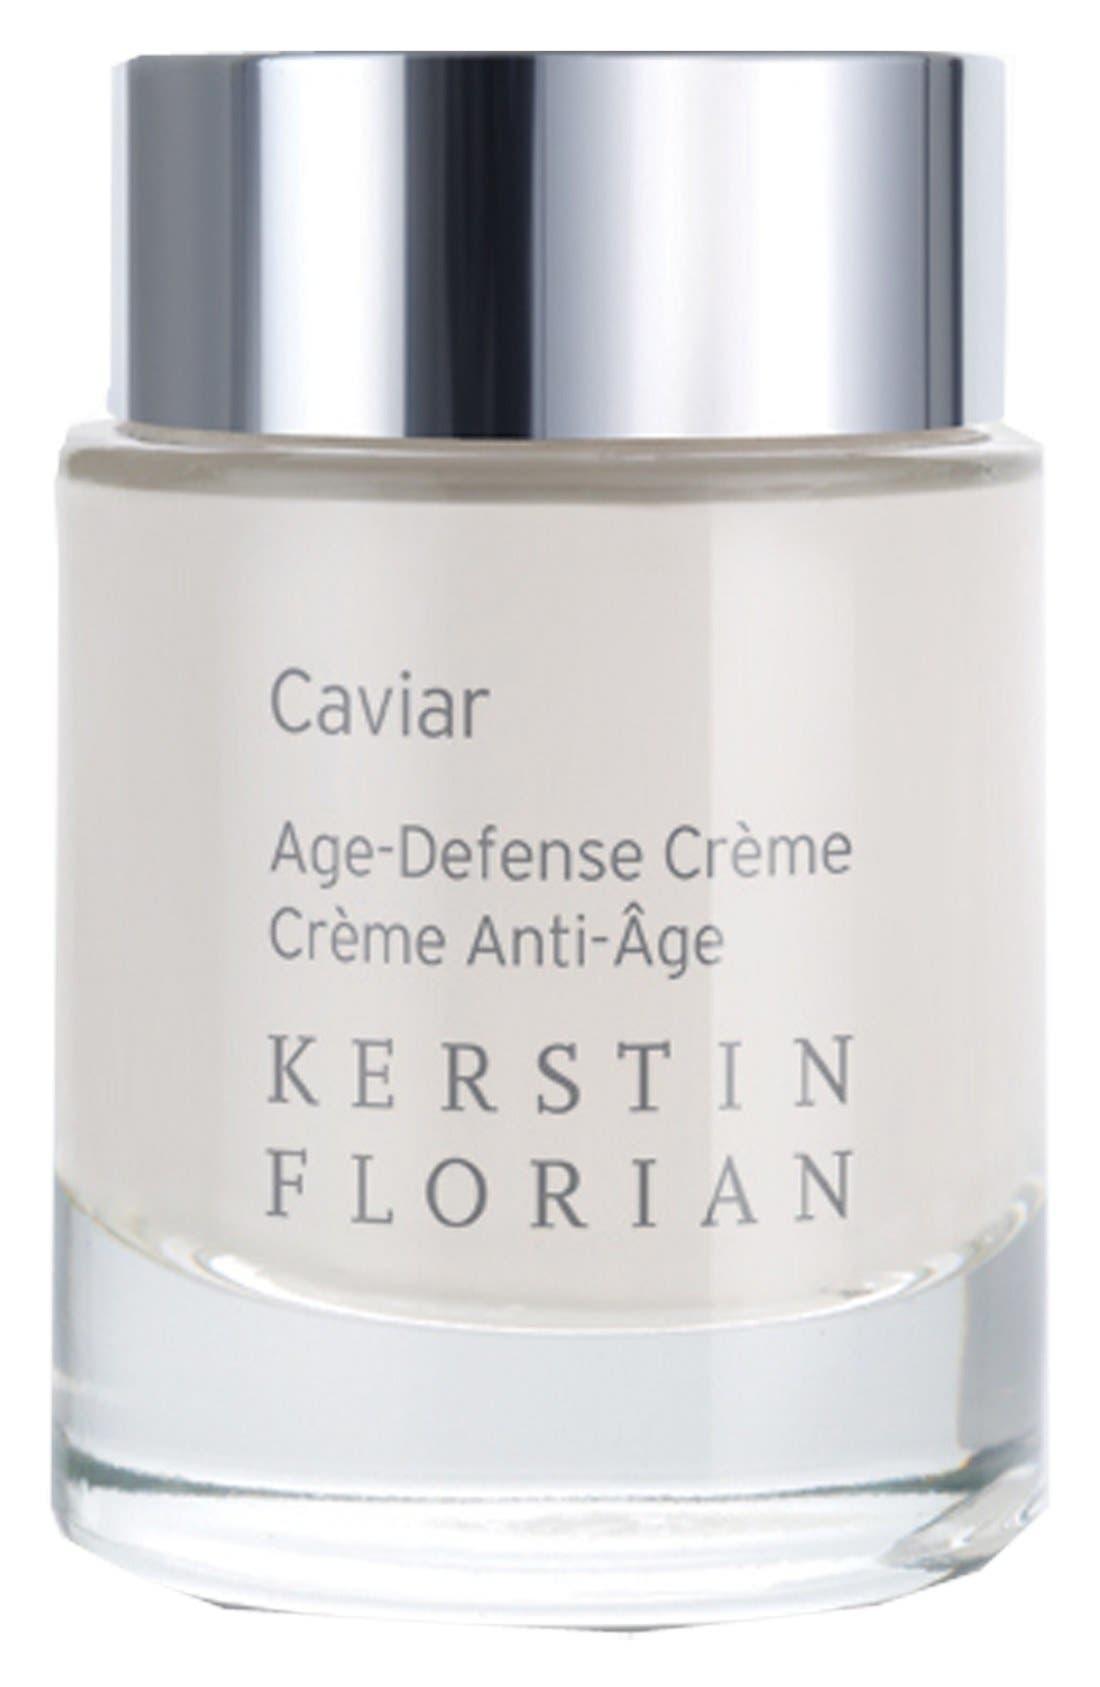 Kerstin Florian Caviar Age-Defense Crème